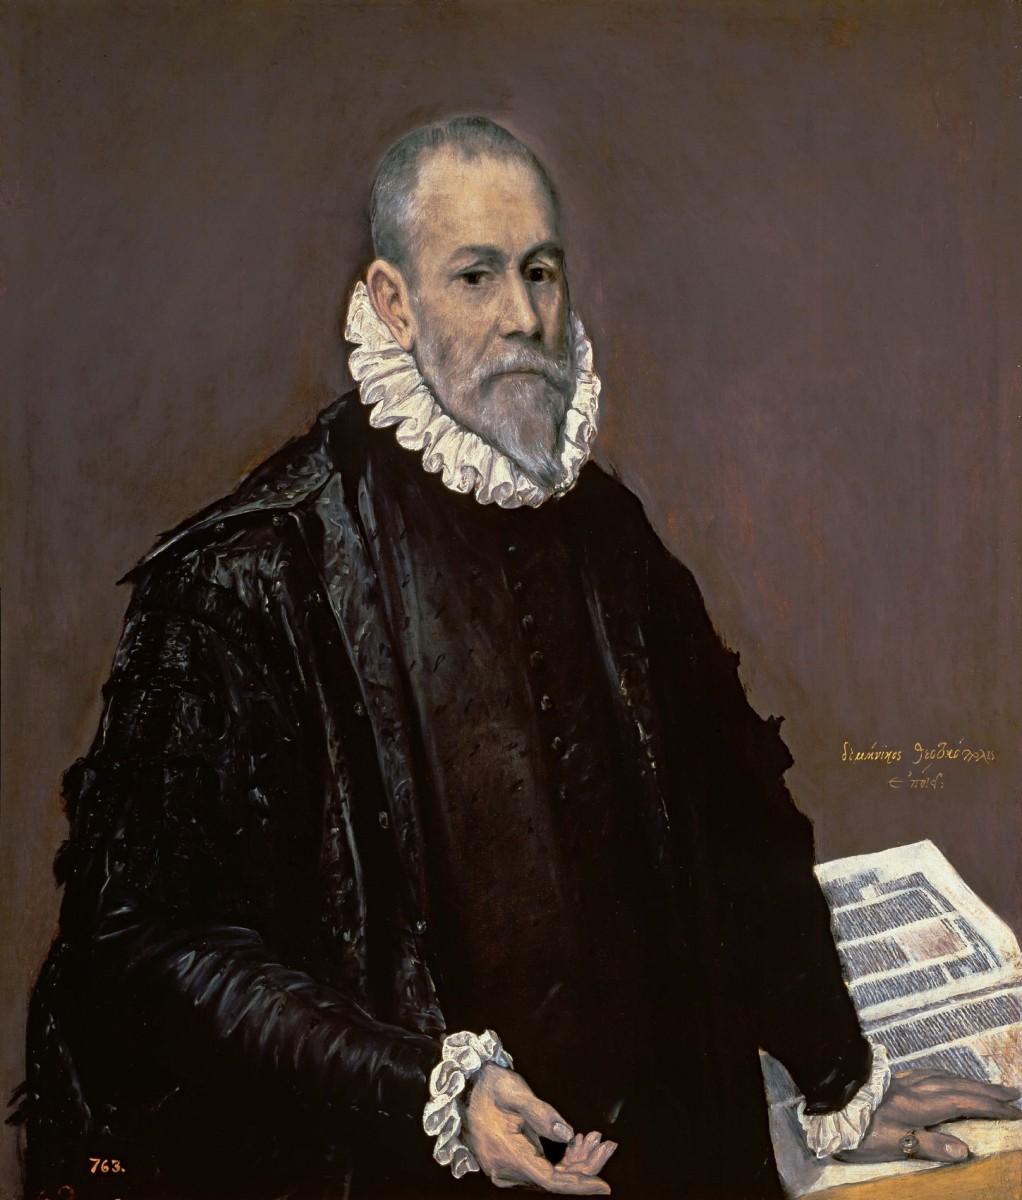 El Greco, Portrait of Doctor Rodrigo de la Fuente (El Médico) 1588-89. Museo del Prado, Madrid.